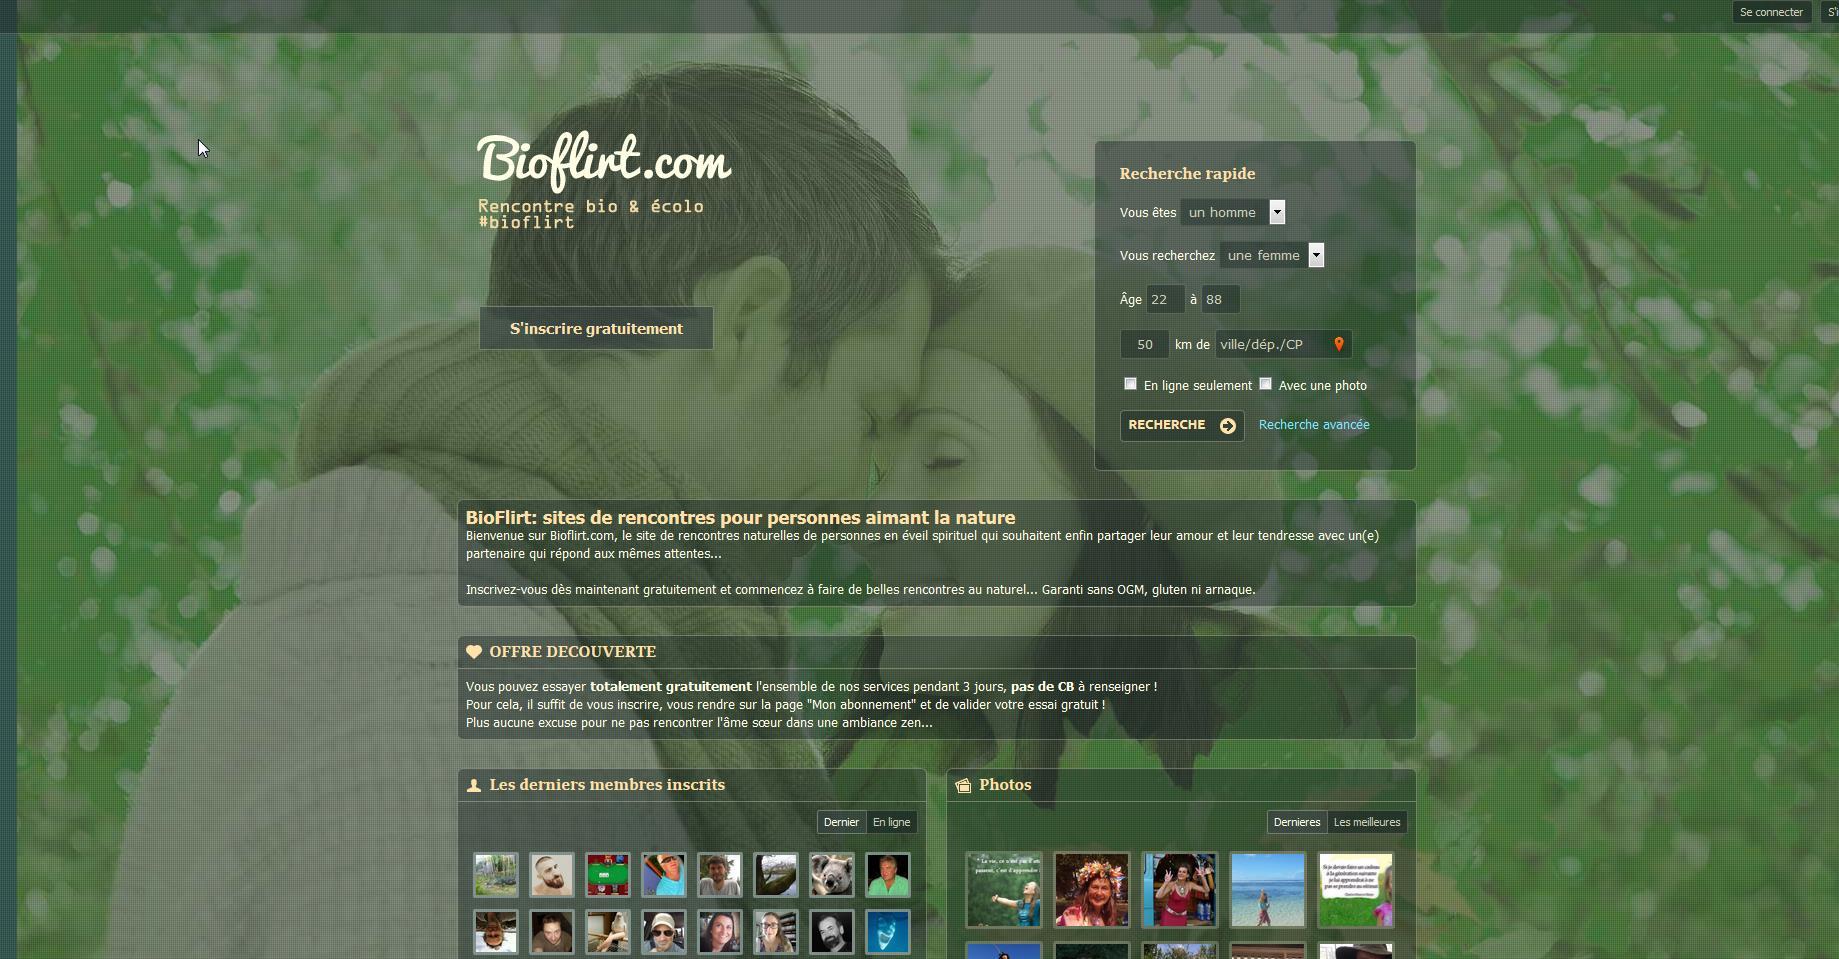 bioflirt